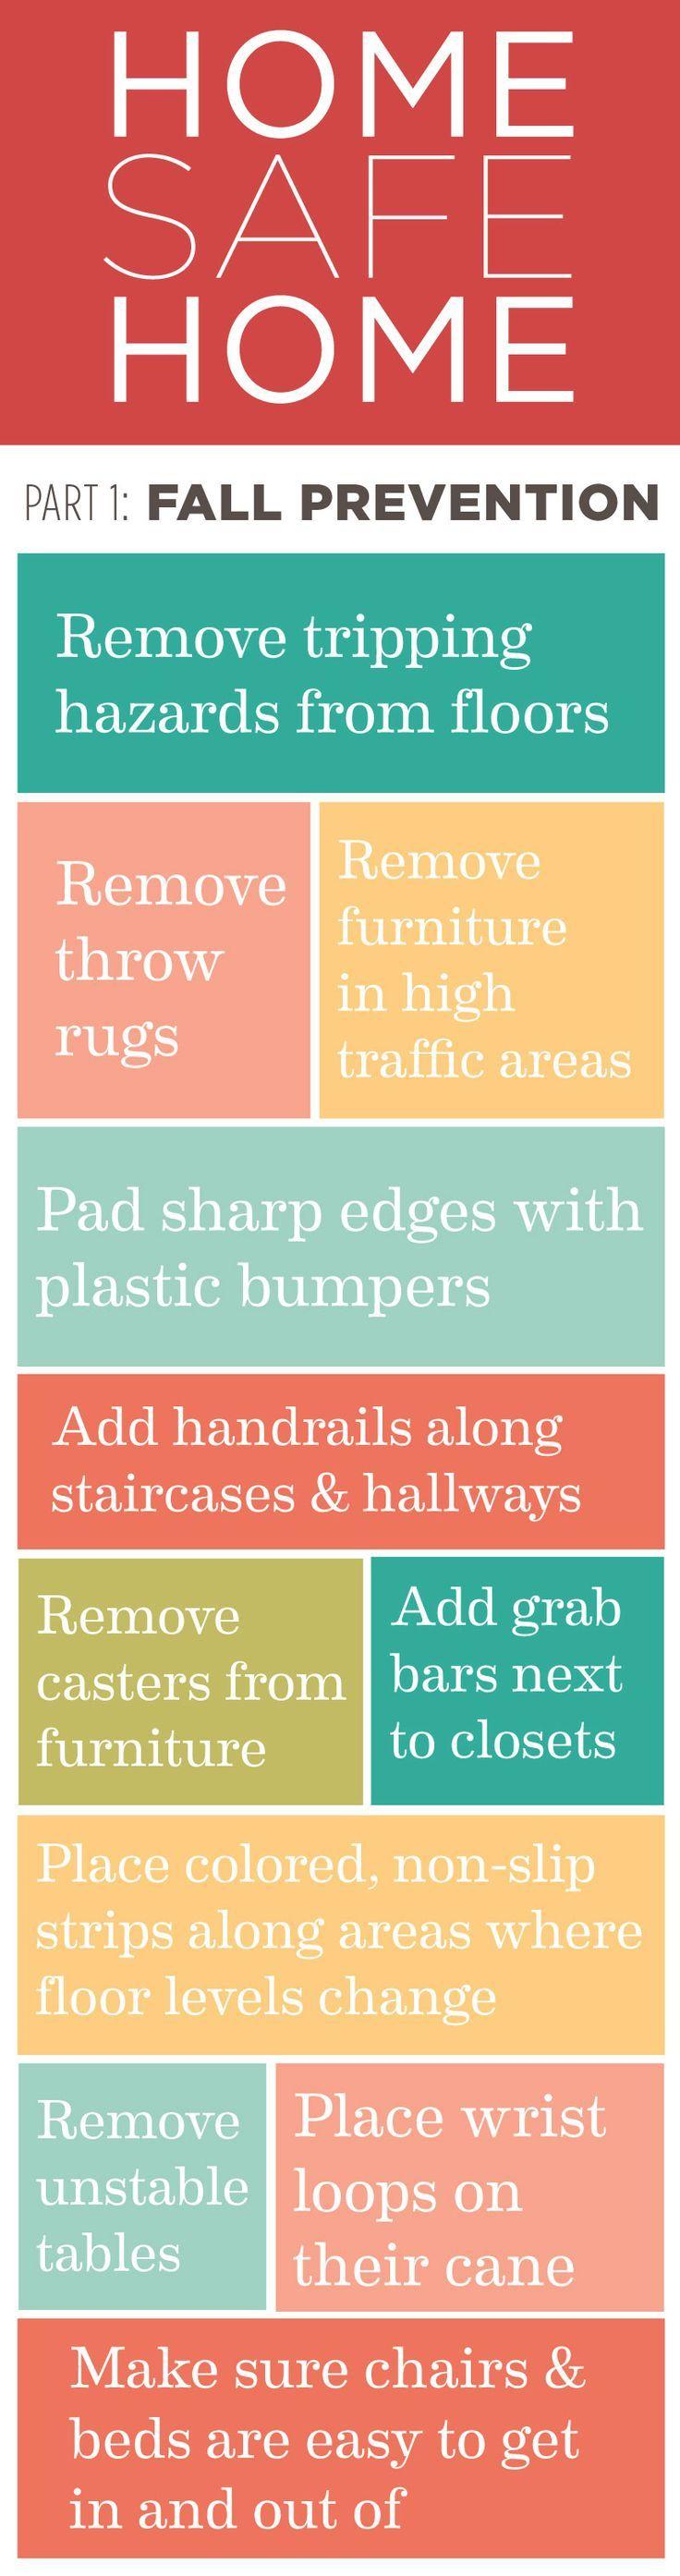 Home Safe Home Part Tips On Preventing Falls Senior Living